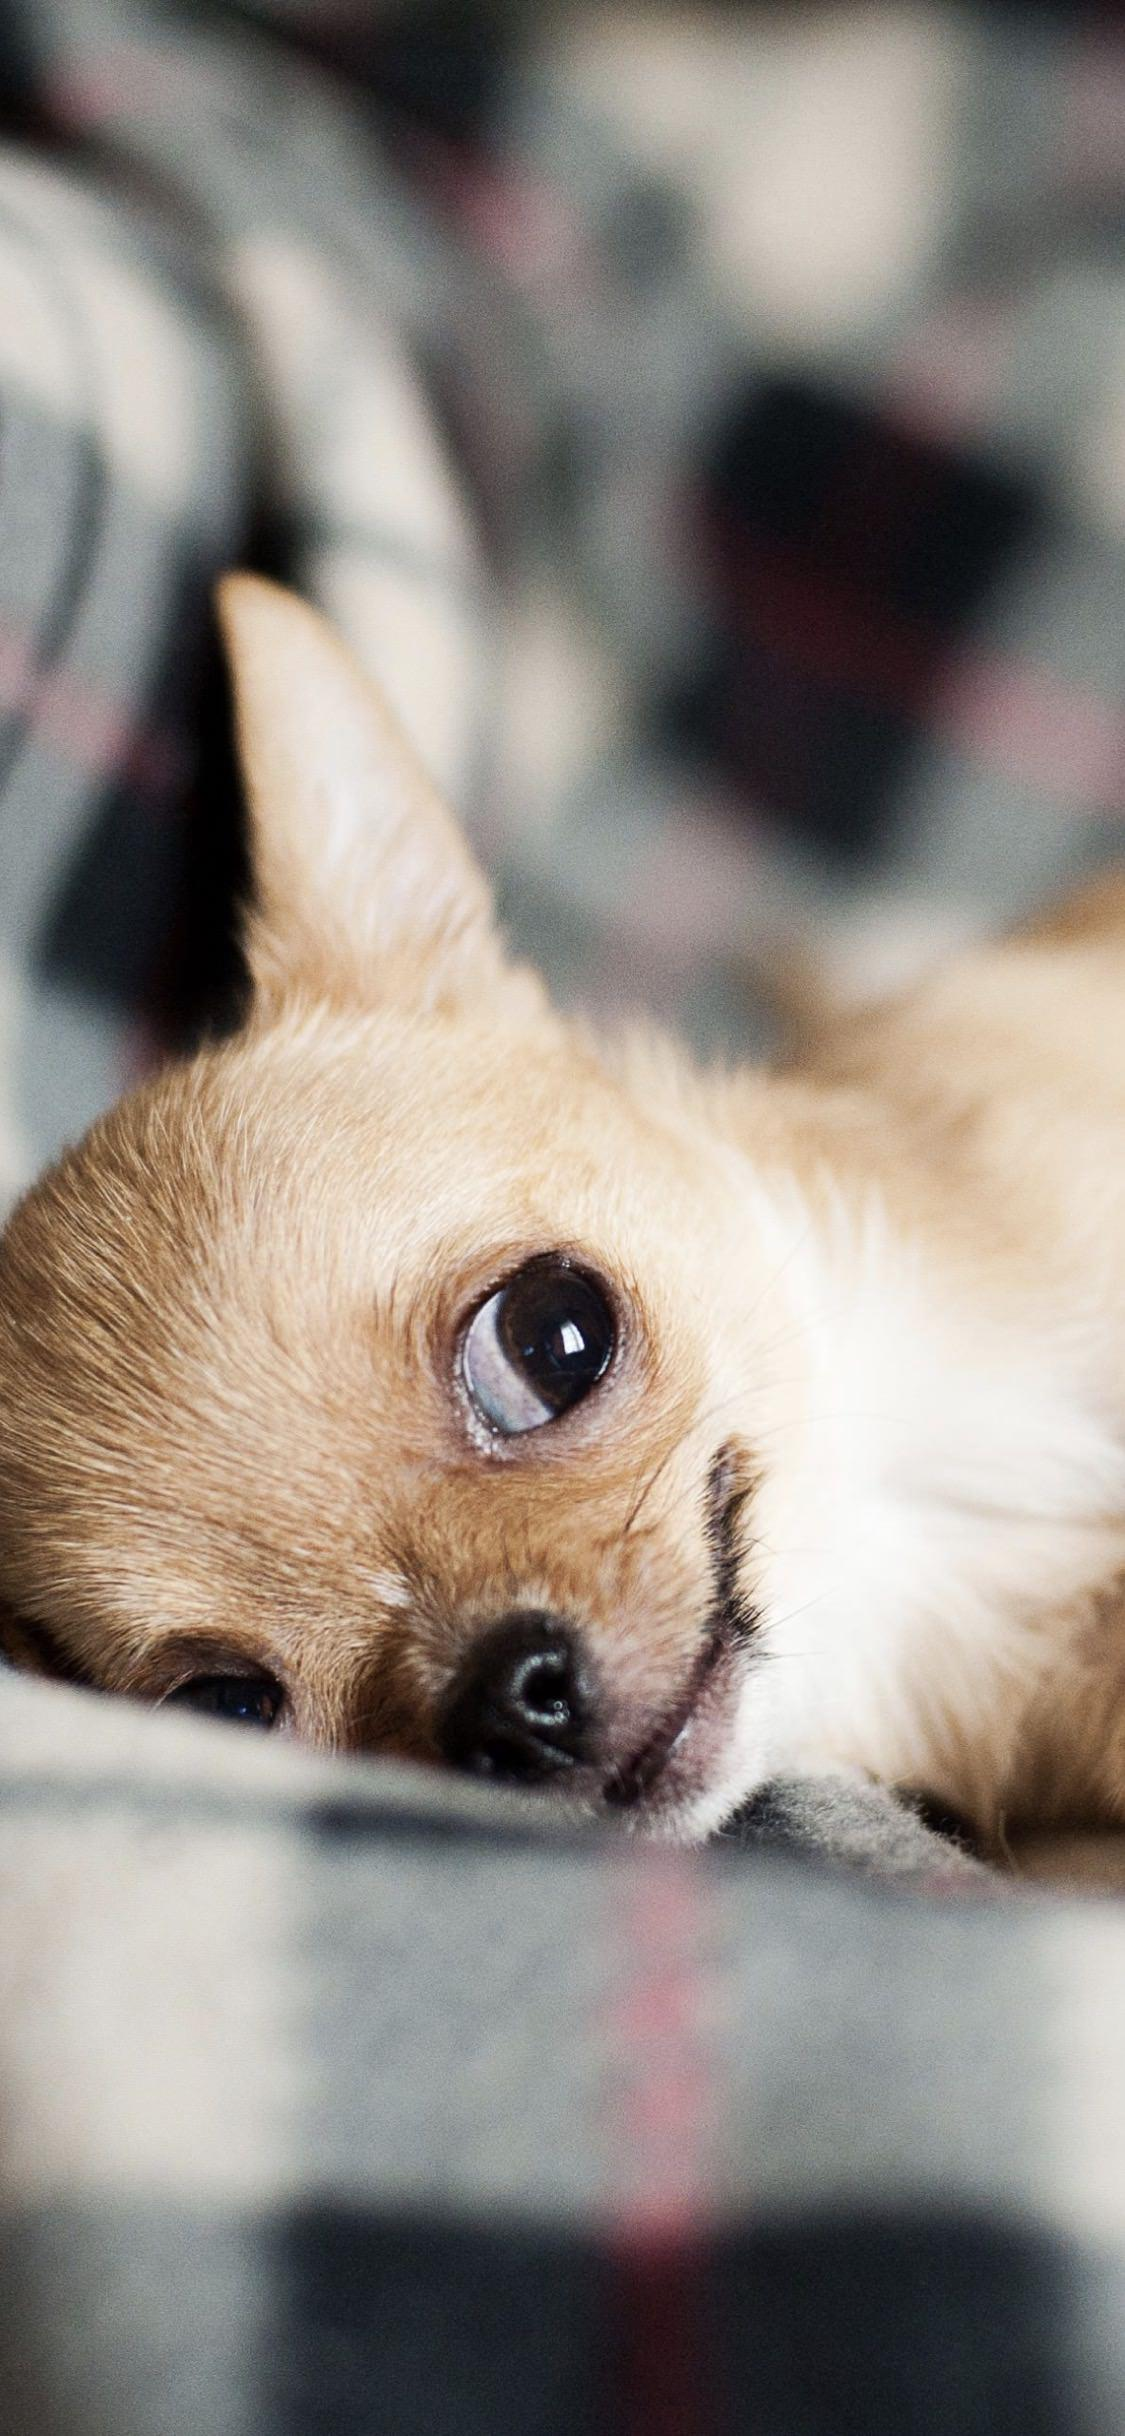 Un cagnolino che riposa - Sfondi per iPhone, i migliori da scaricare gratis